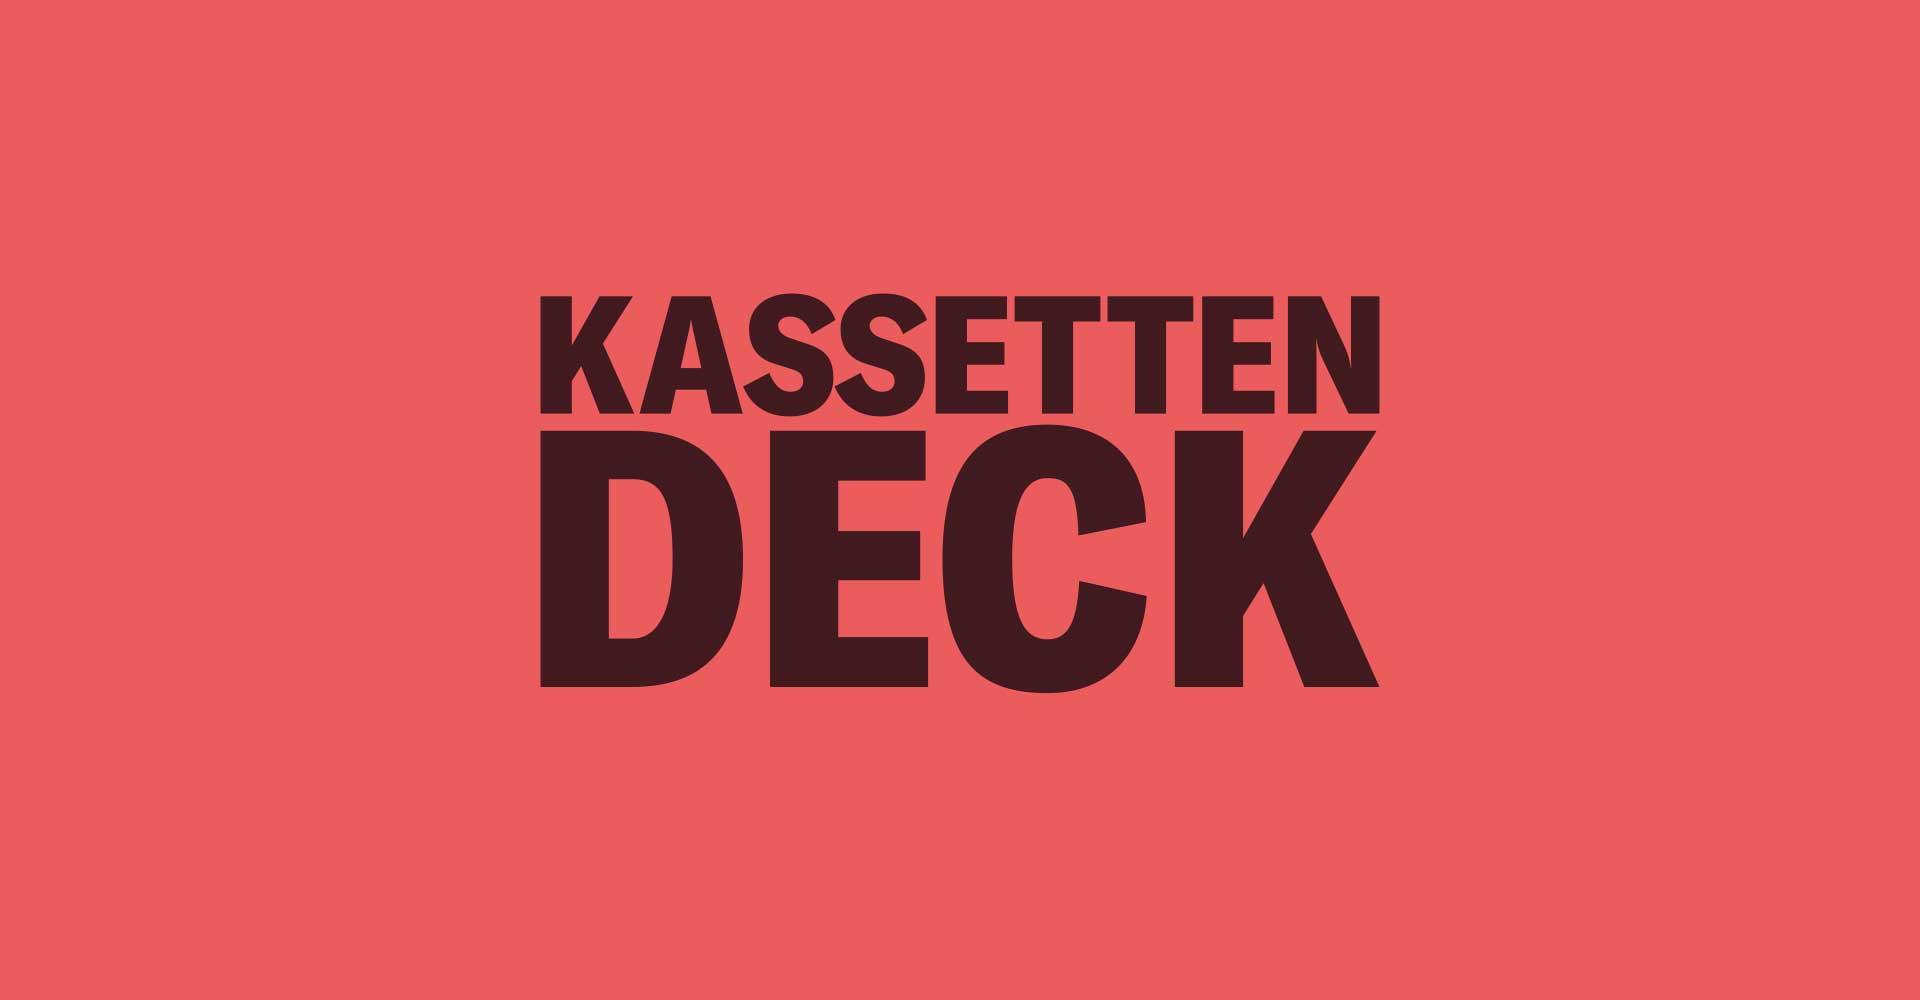 Musikmaschine-Mainz-Wiesbaden-Frankfurt-konzerte-events-markt-veranstaltungen-musik-live-booking-promo-promotion-kassettendeck